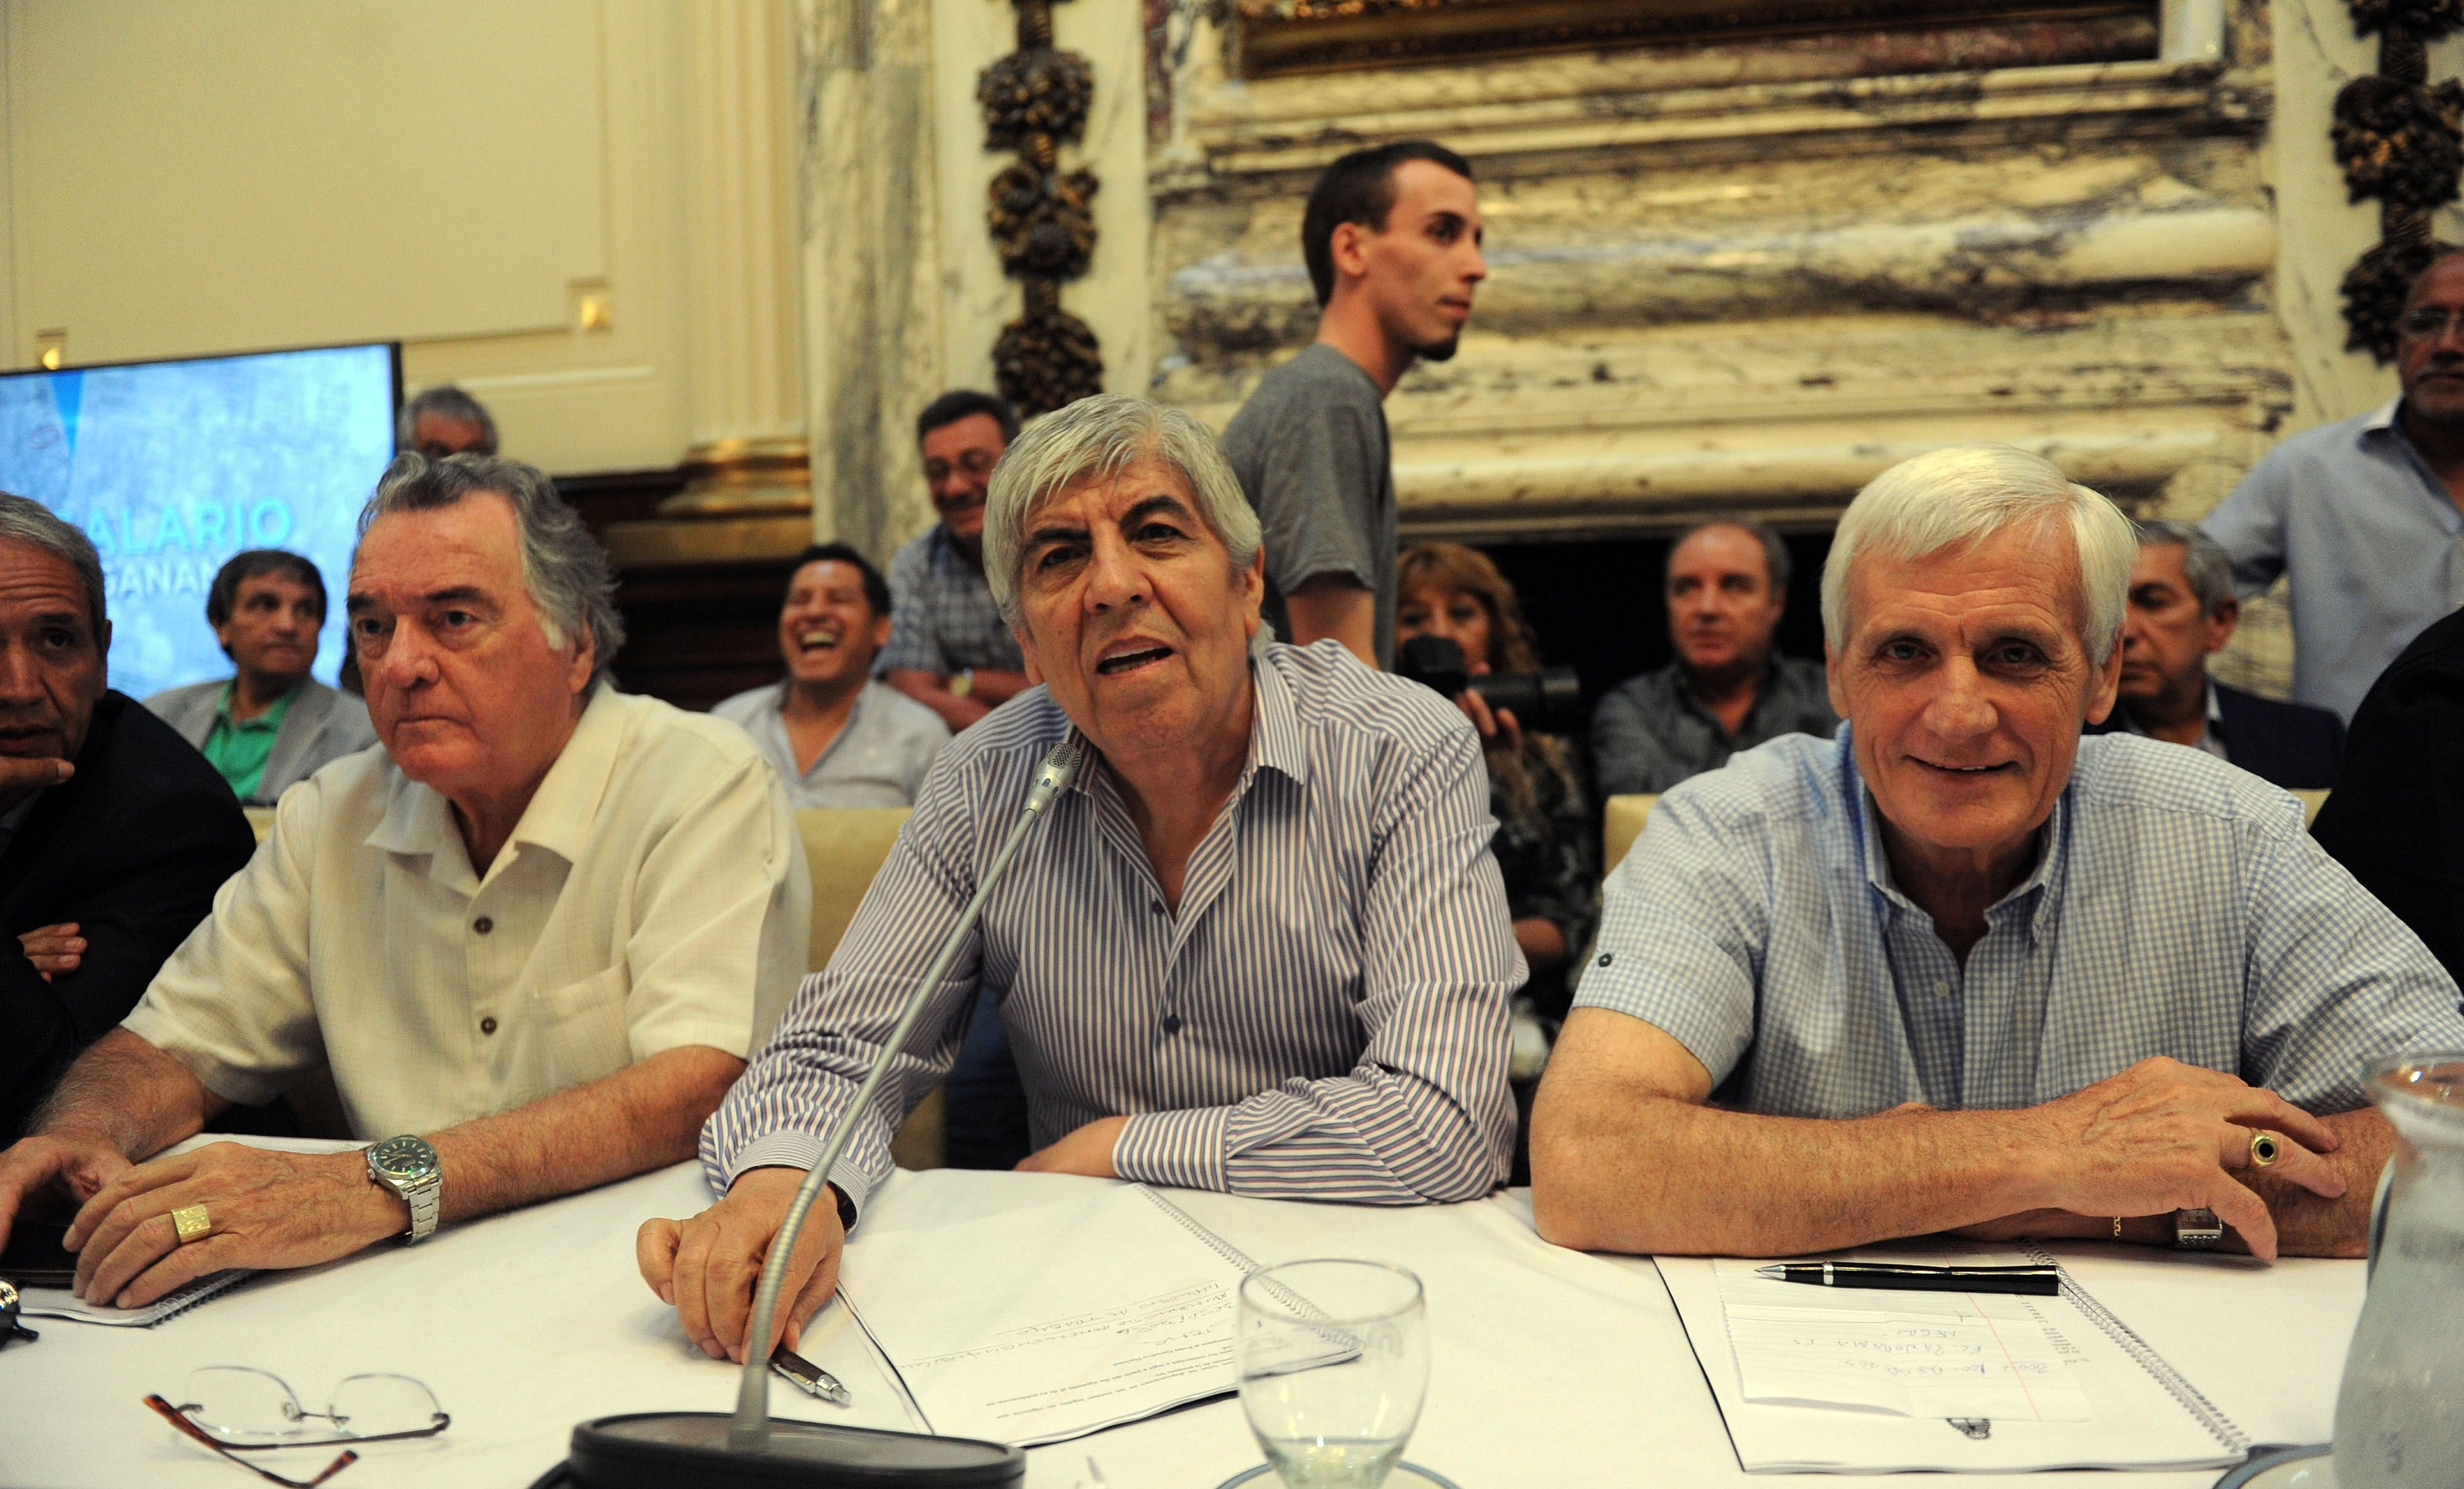 Los jefes de las centrales sindicales se reunieron con diputados opositores